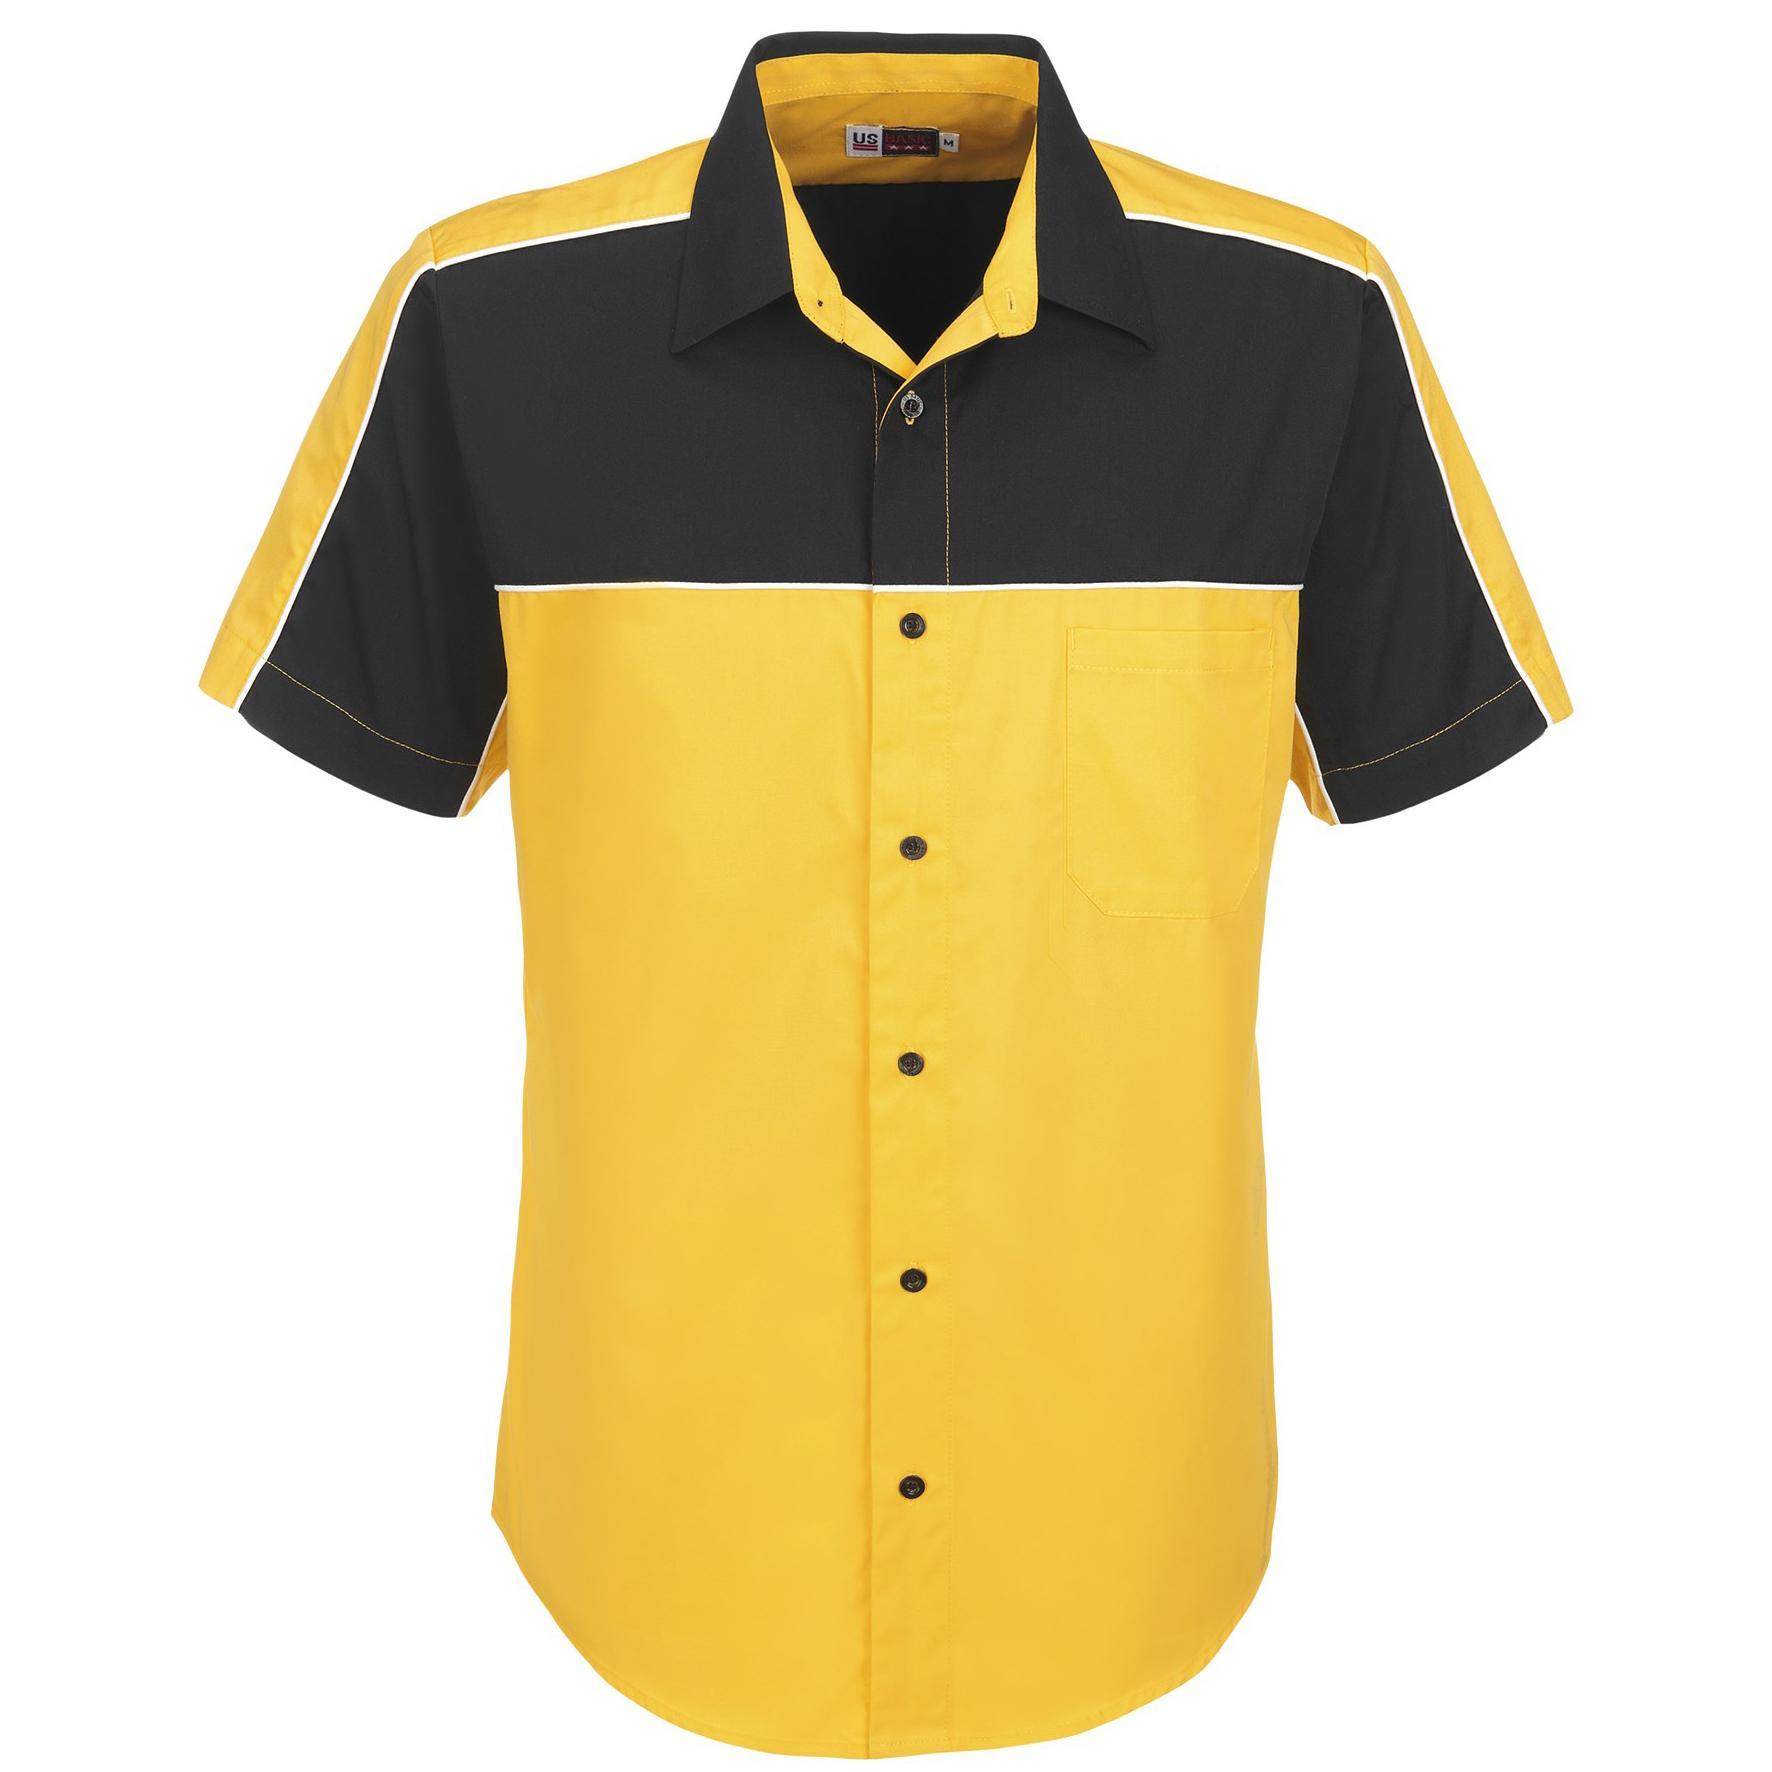 Mens Daytona Pitt Shirt - Yellow Only